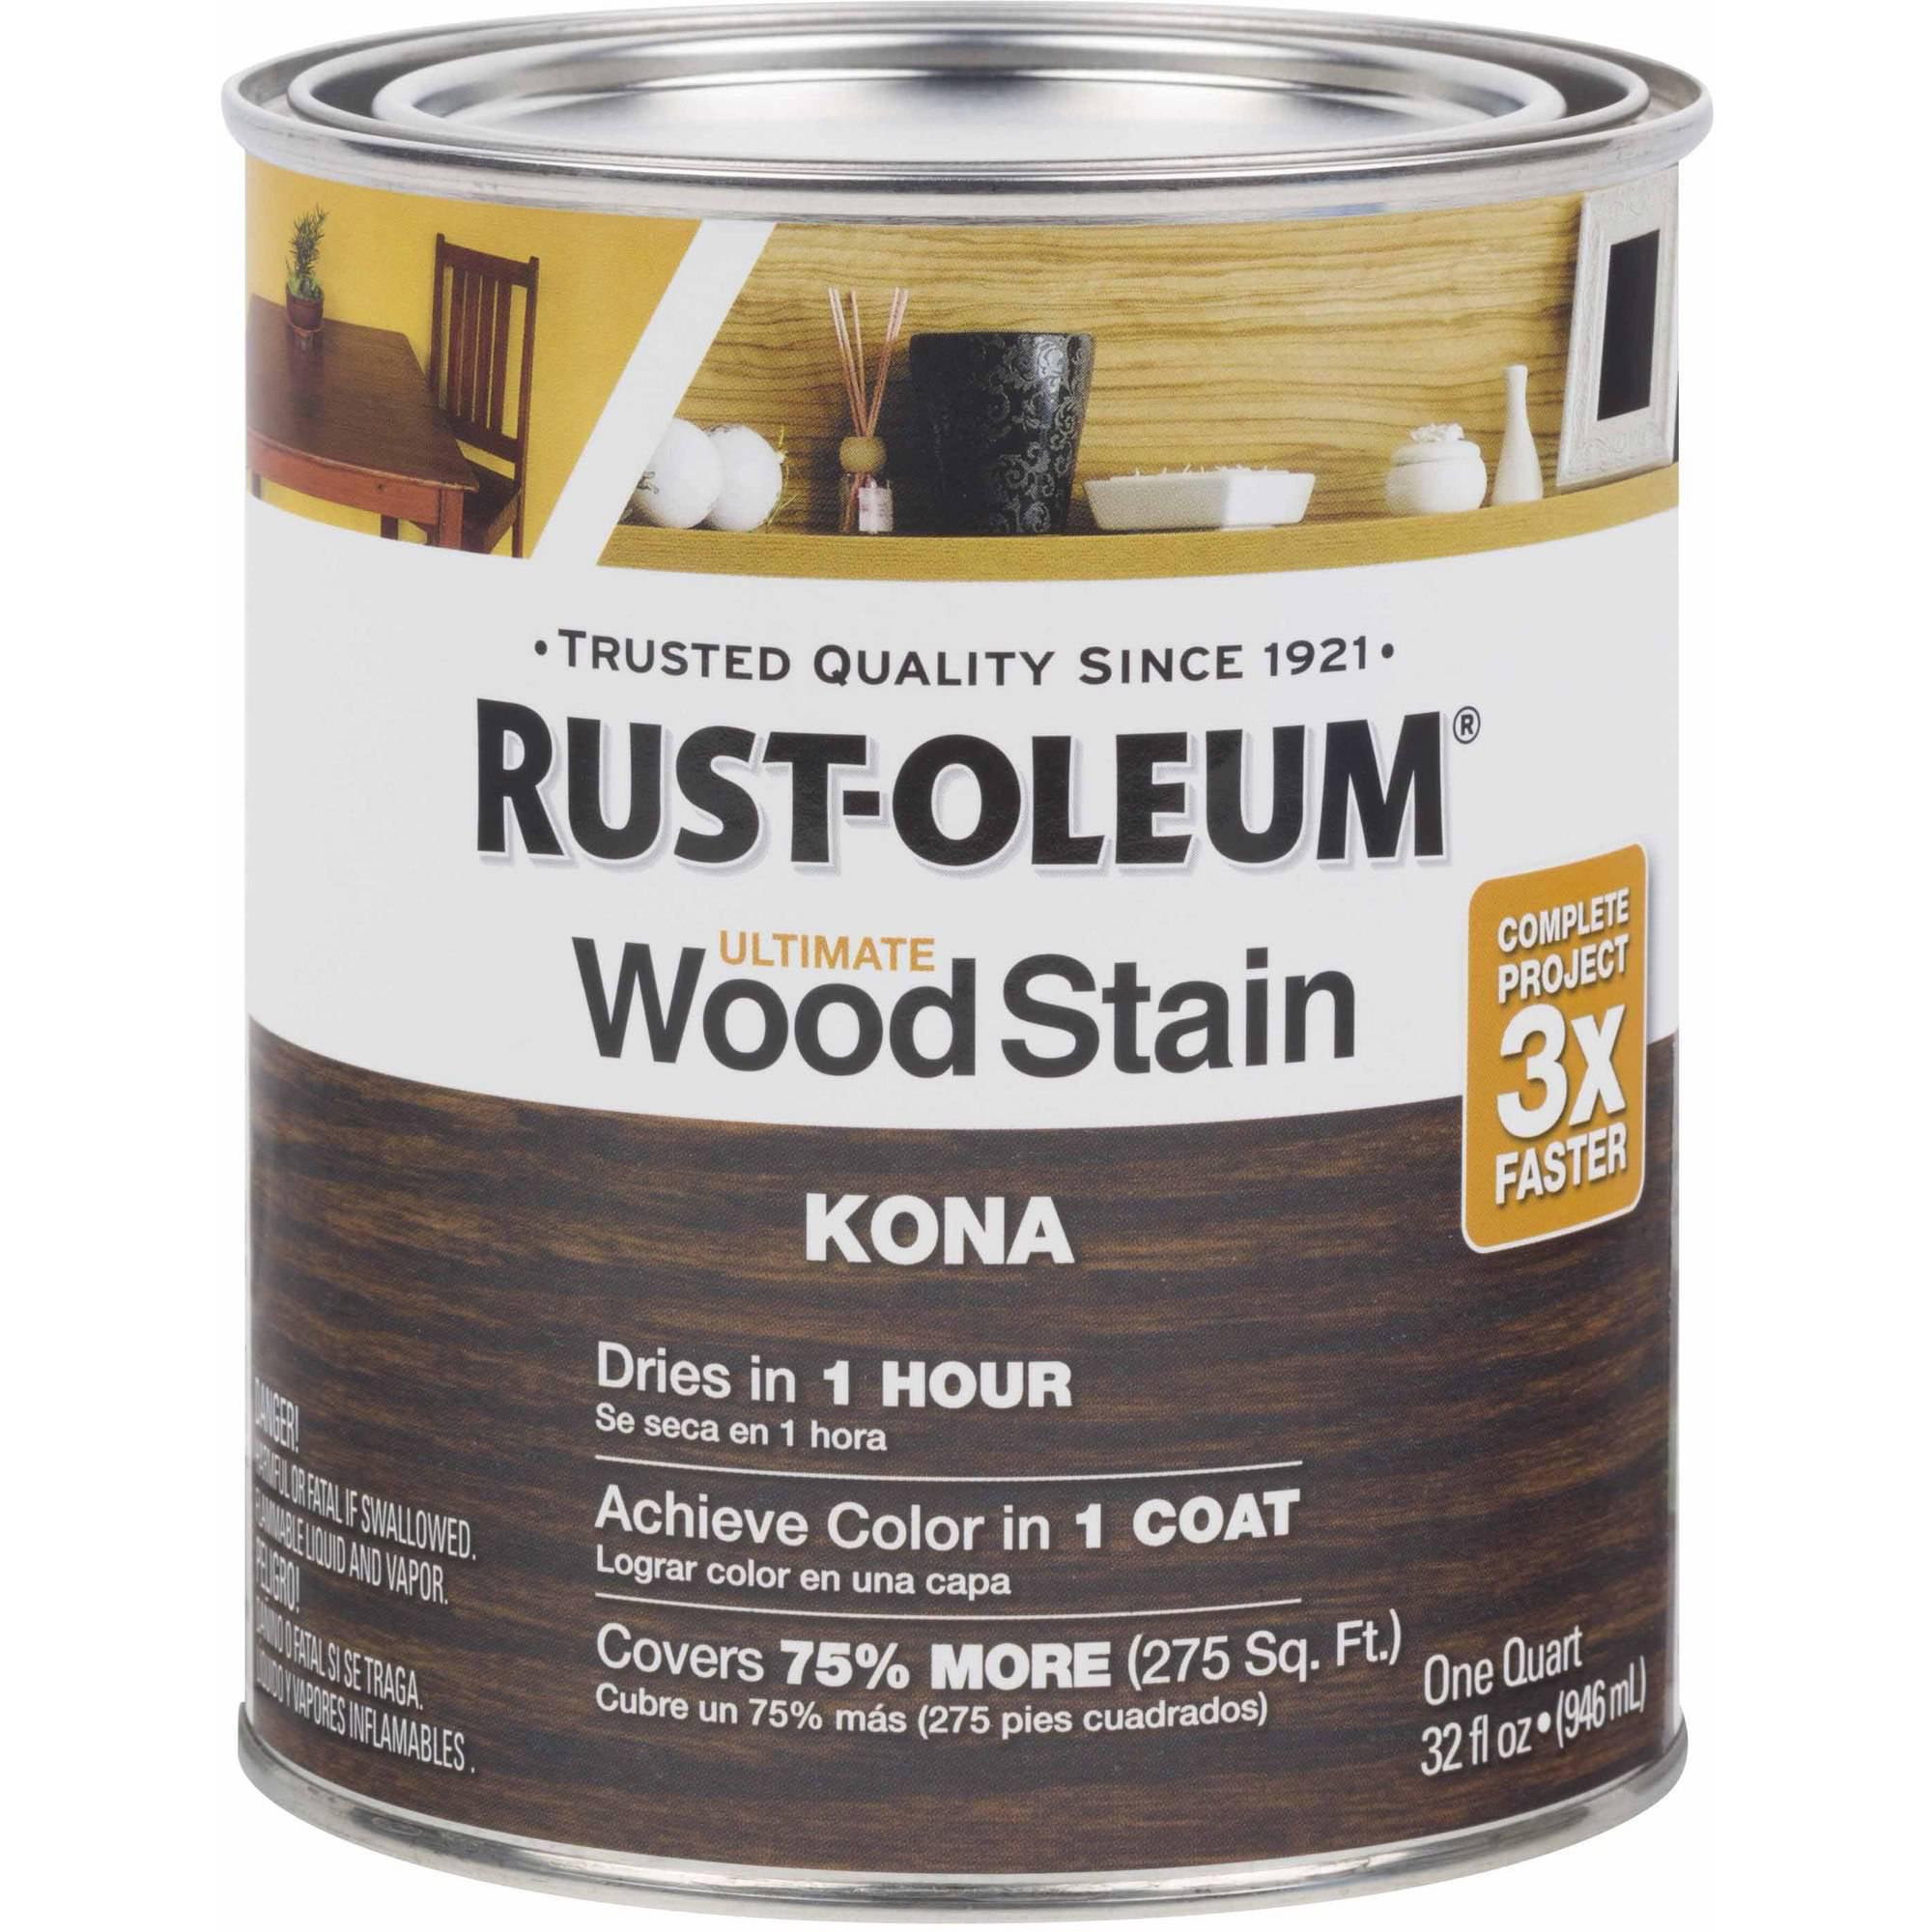 Rust-Oleum Ultimate Wood Stain Quart, Kona